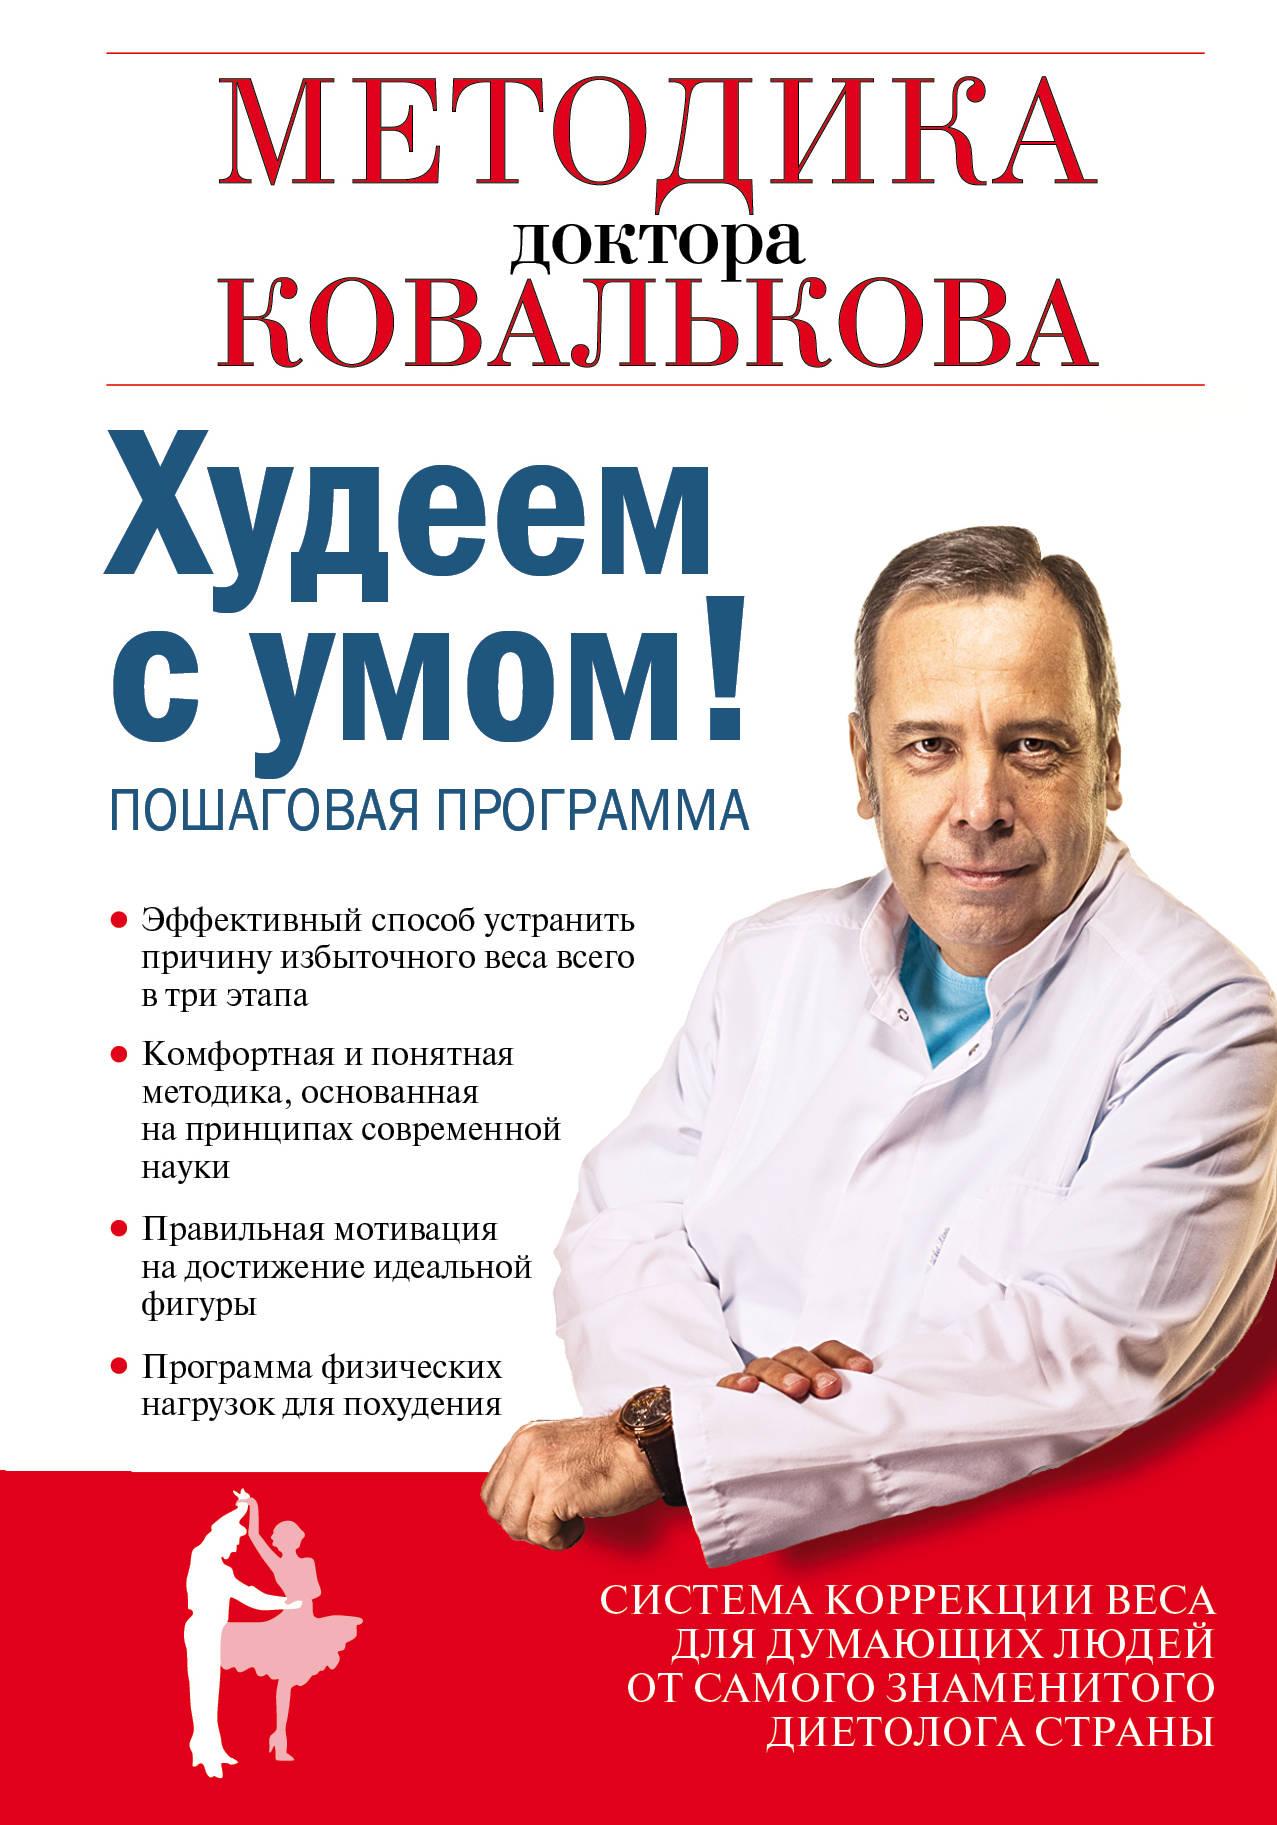 врач диетолог в минске